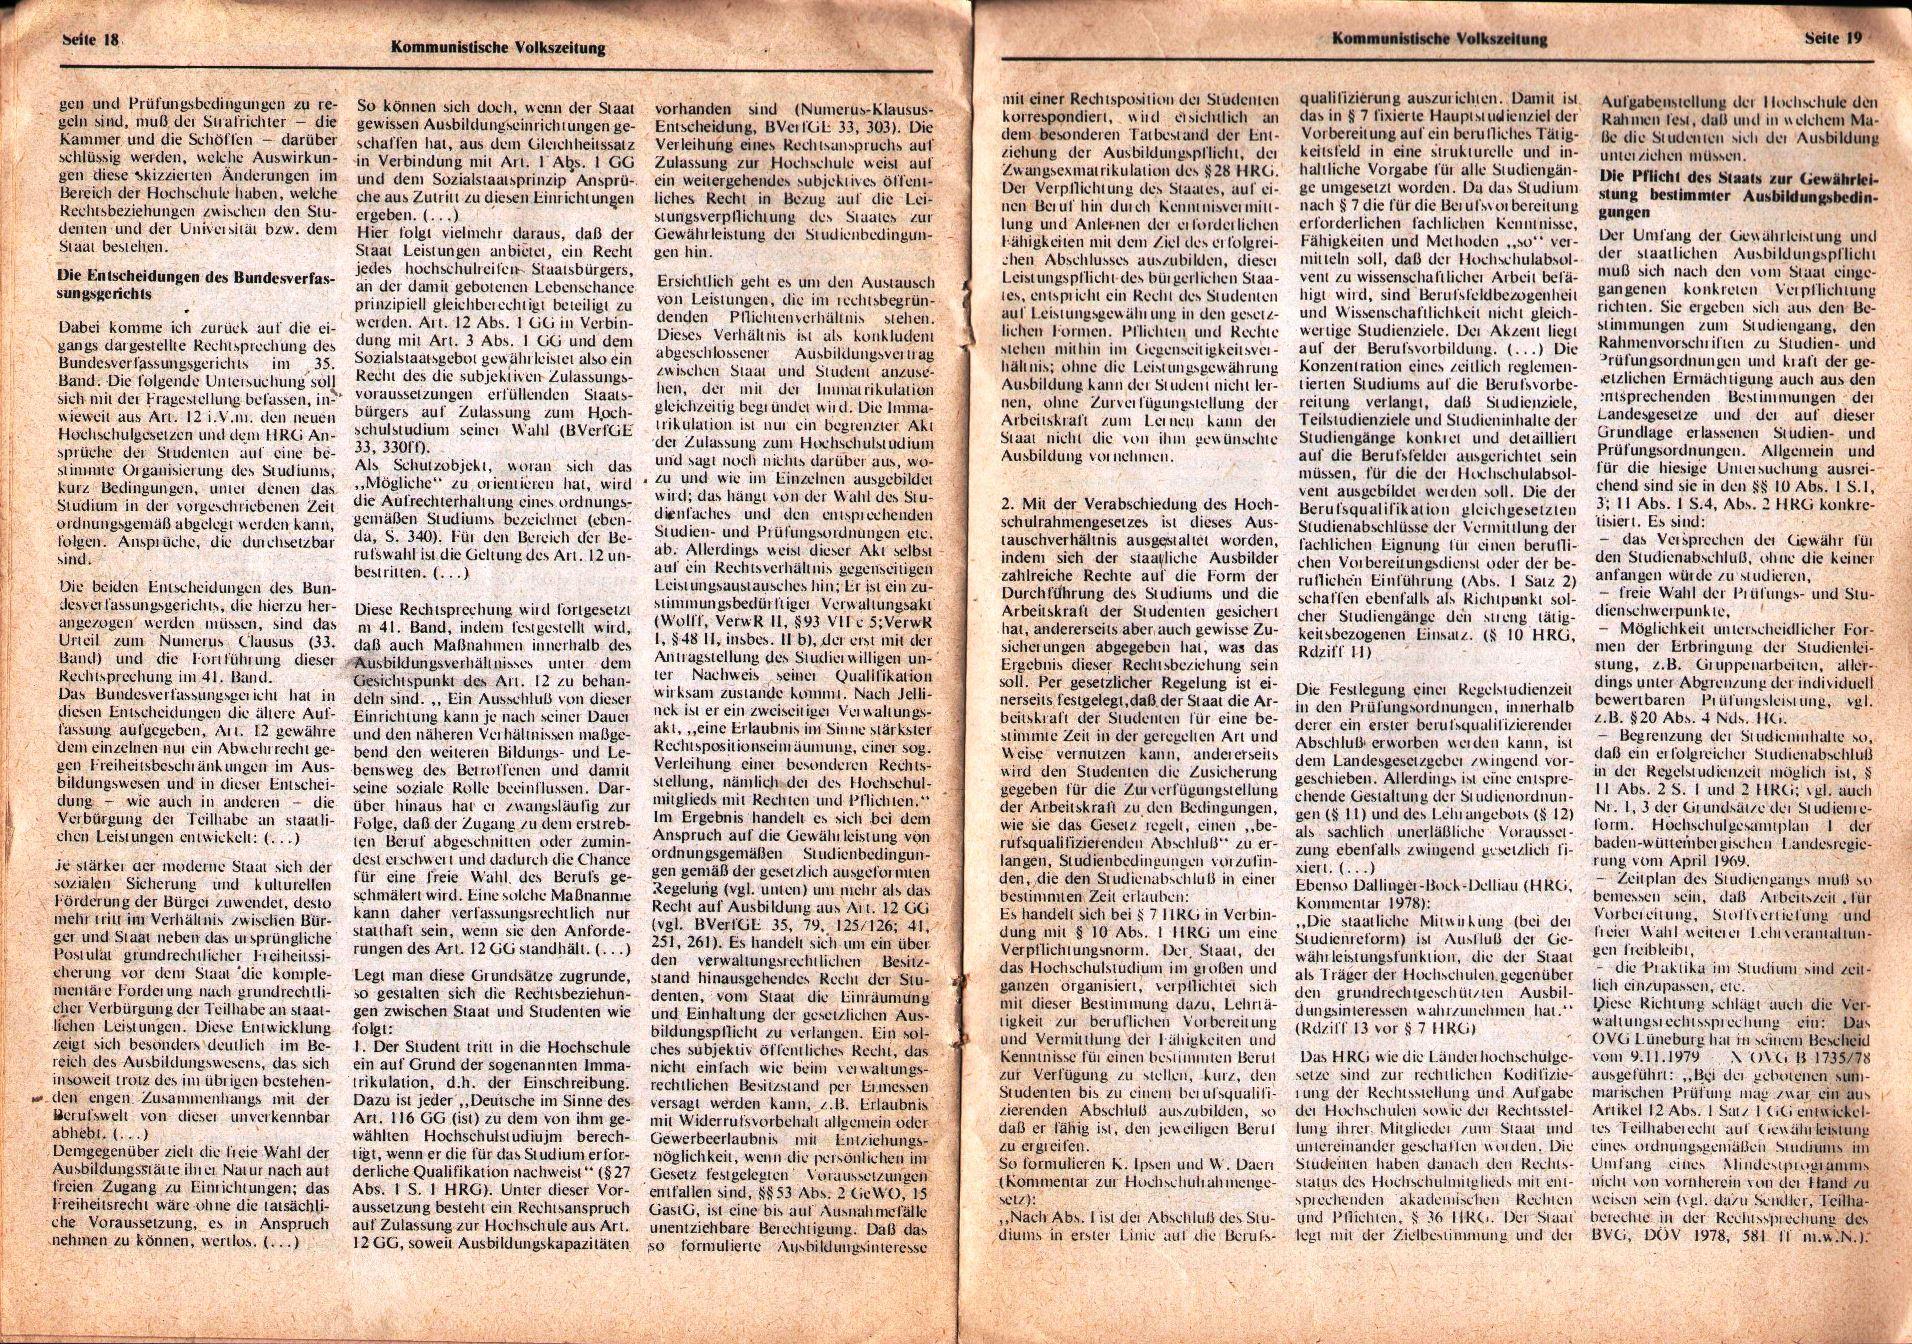 Heidelberg_KHG_1980_Germanistenprozess010